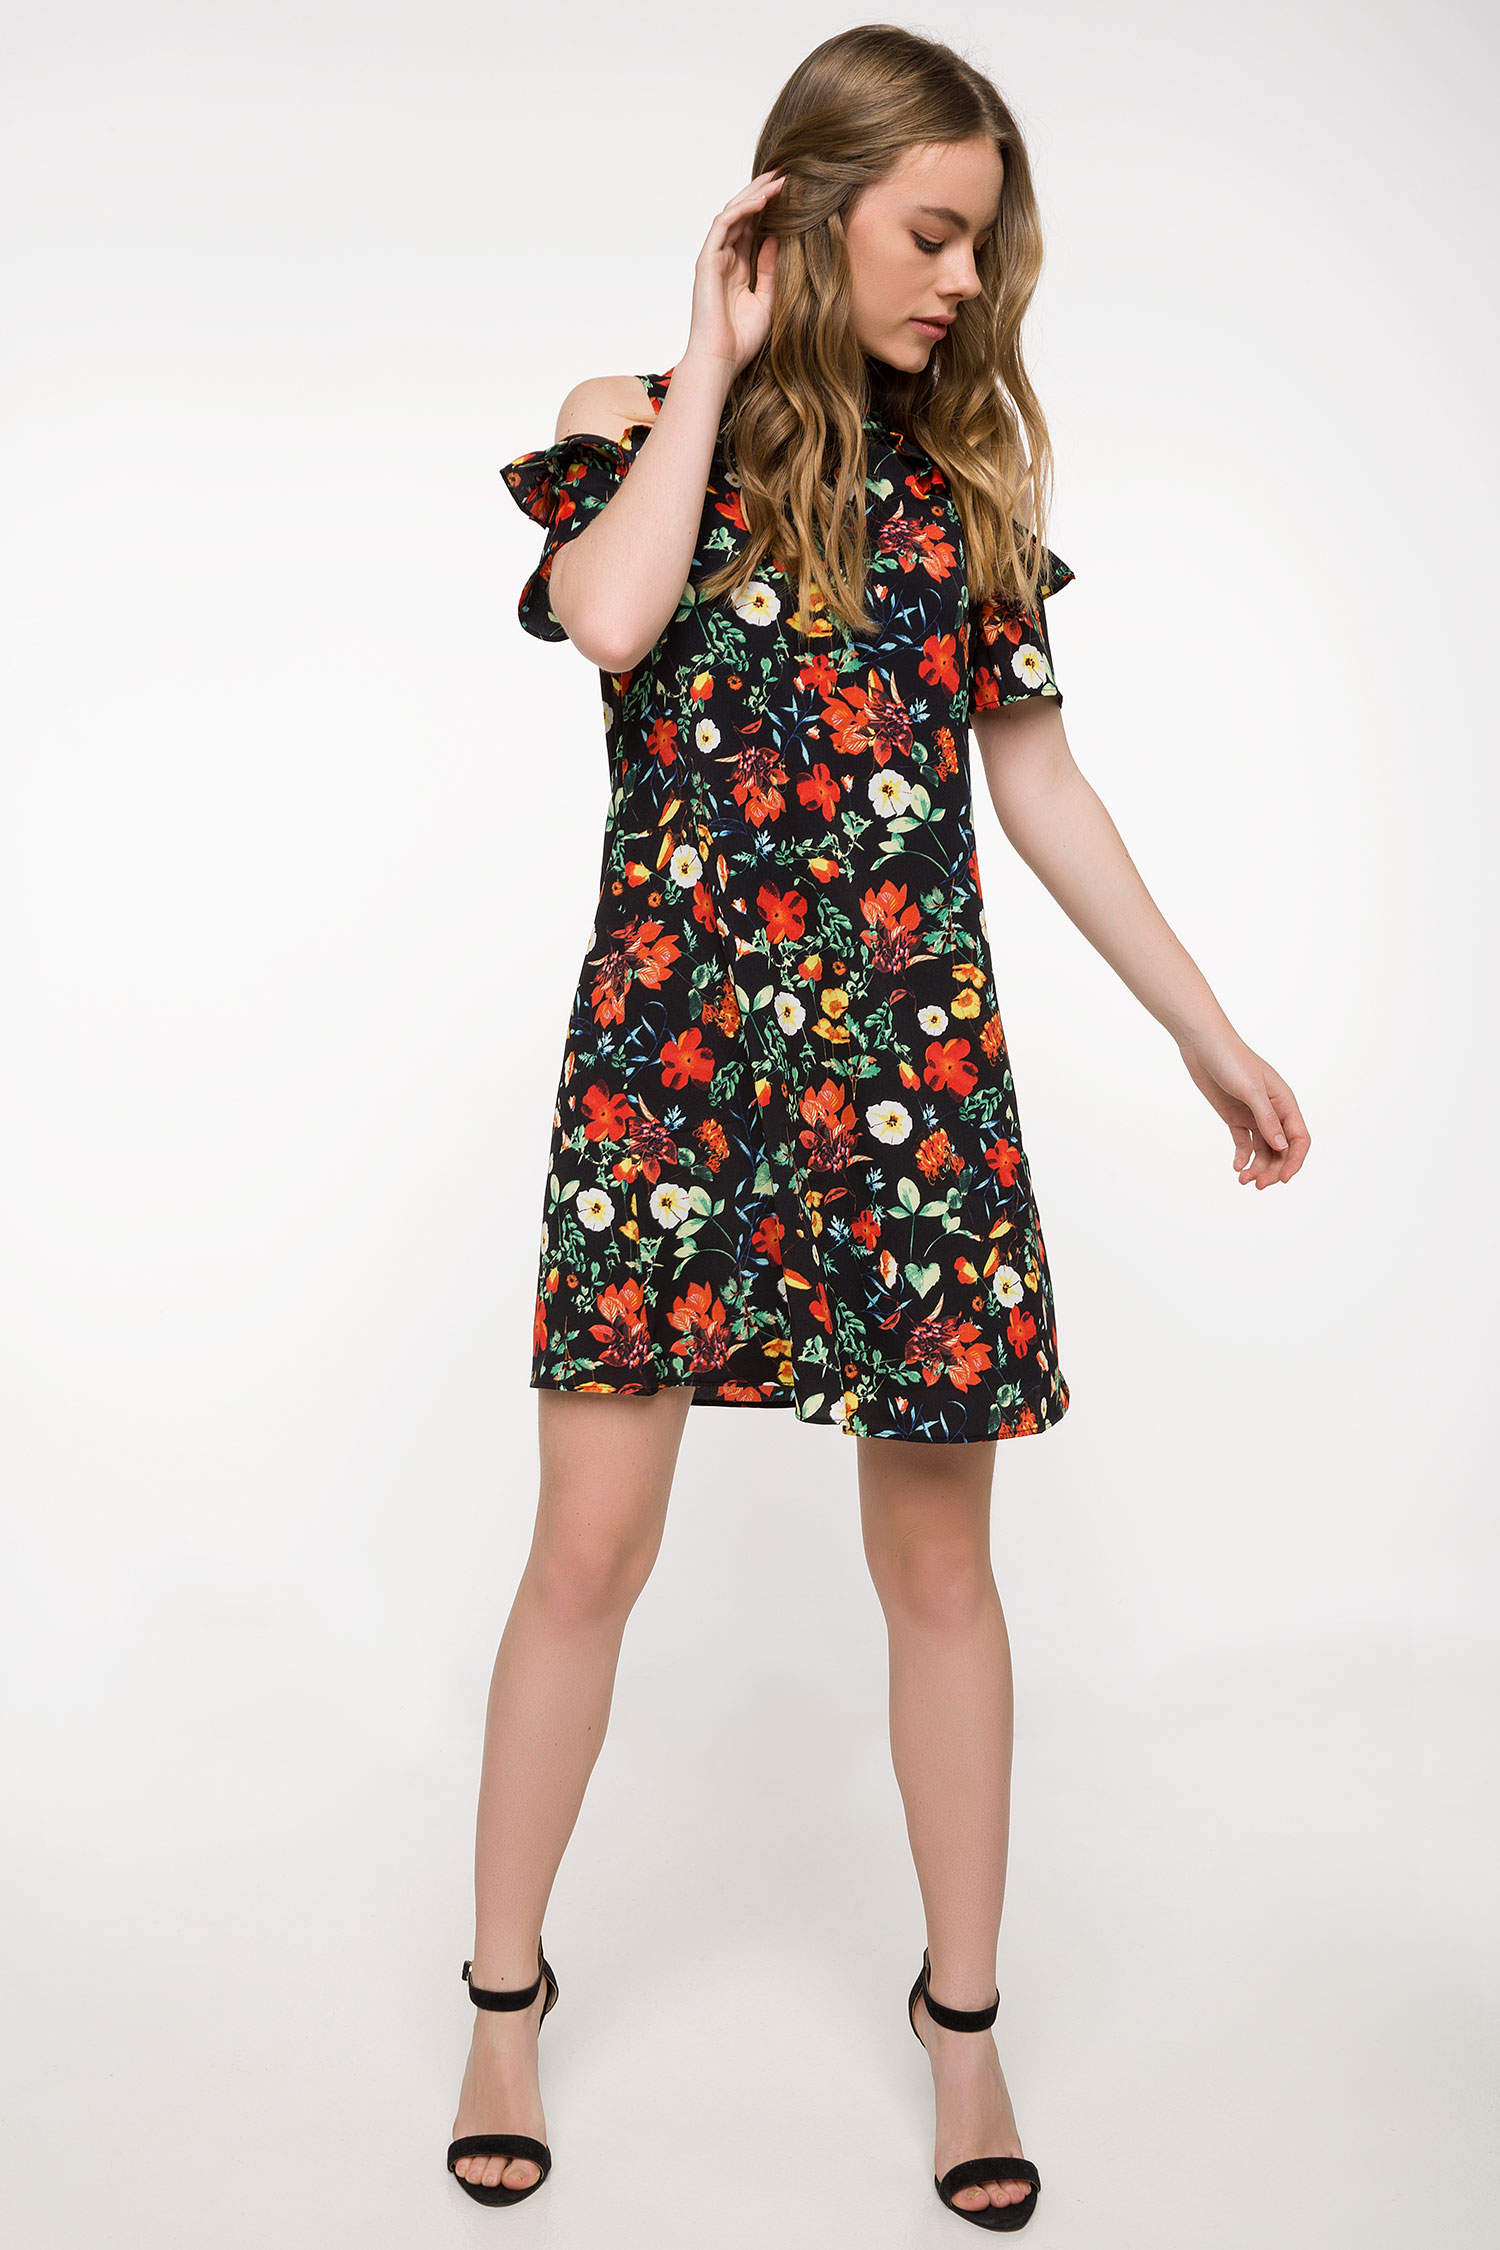 175f8d0fadd61 Siyah Kadın Omuz Dekolteli Çiçek Desenli Elbise 802158 | DeFacto